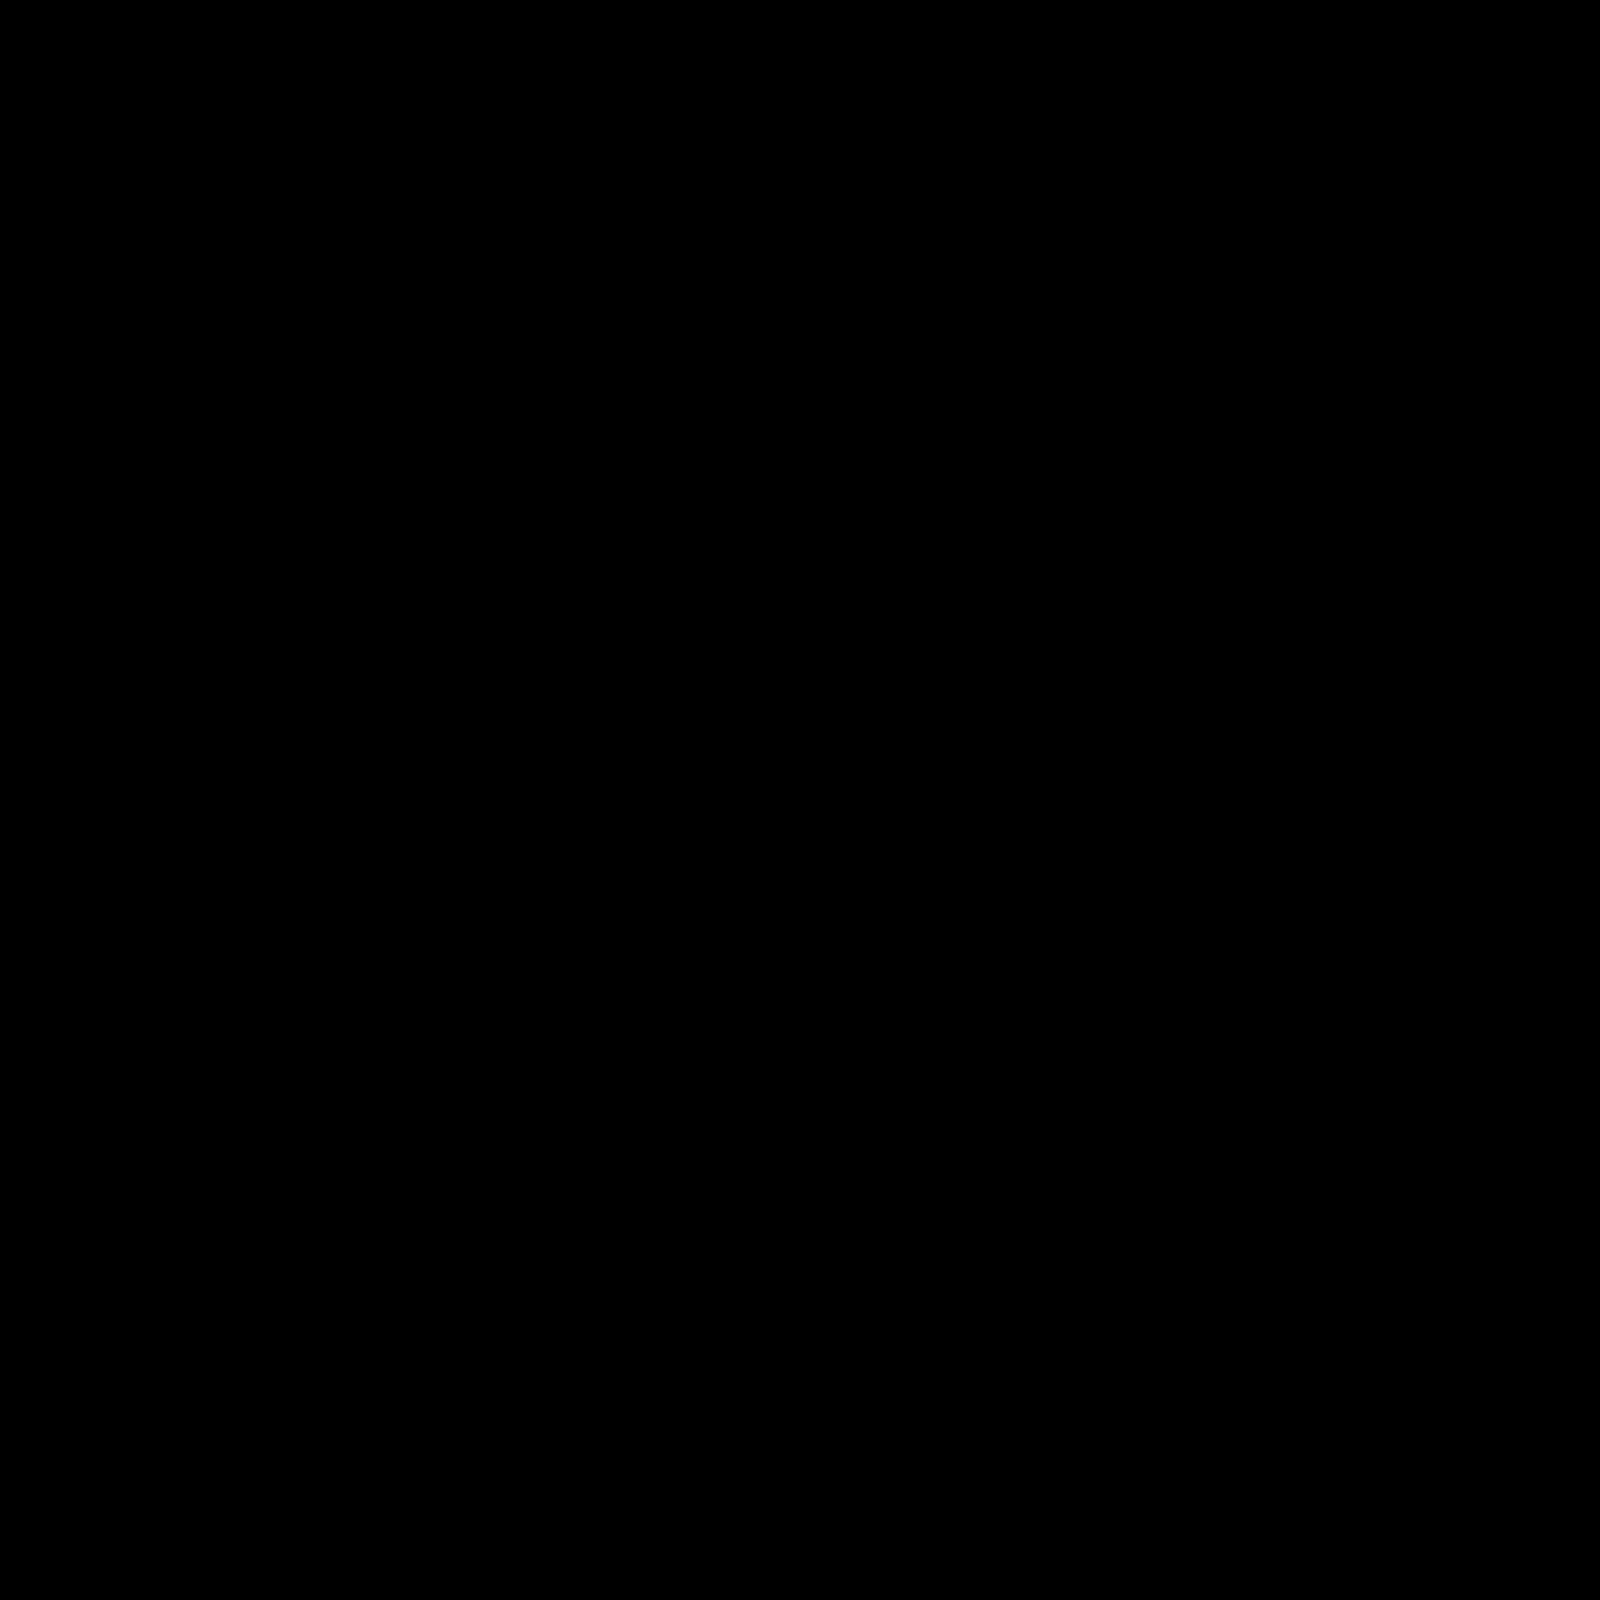 女性実業家 icon. It's a simplified portrait of a head bearing a female haircut, dressed in a collared shirt. It depicts only form the shoulders up.